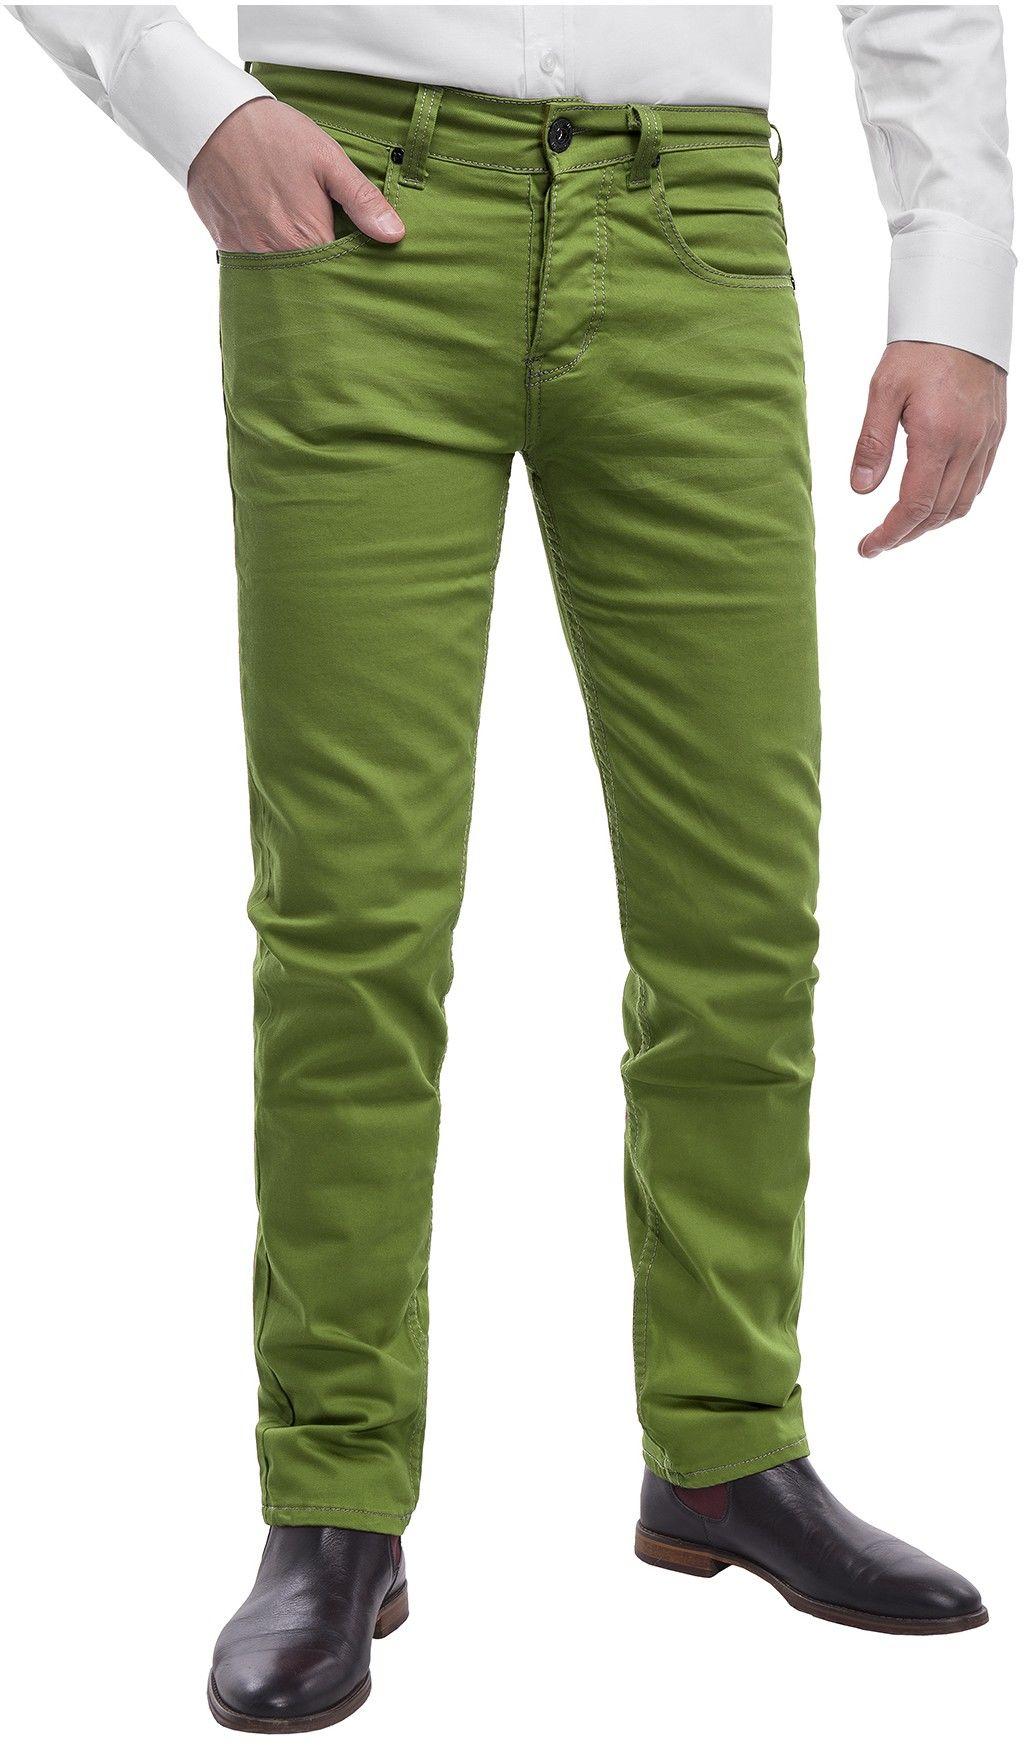 Spodnie męskie chinosy LZ116 -zielony